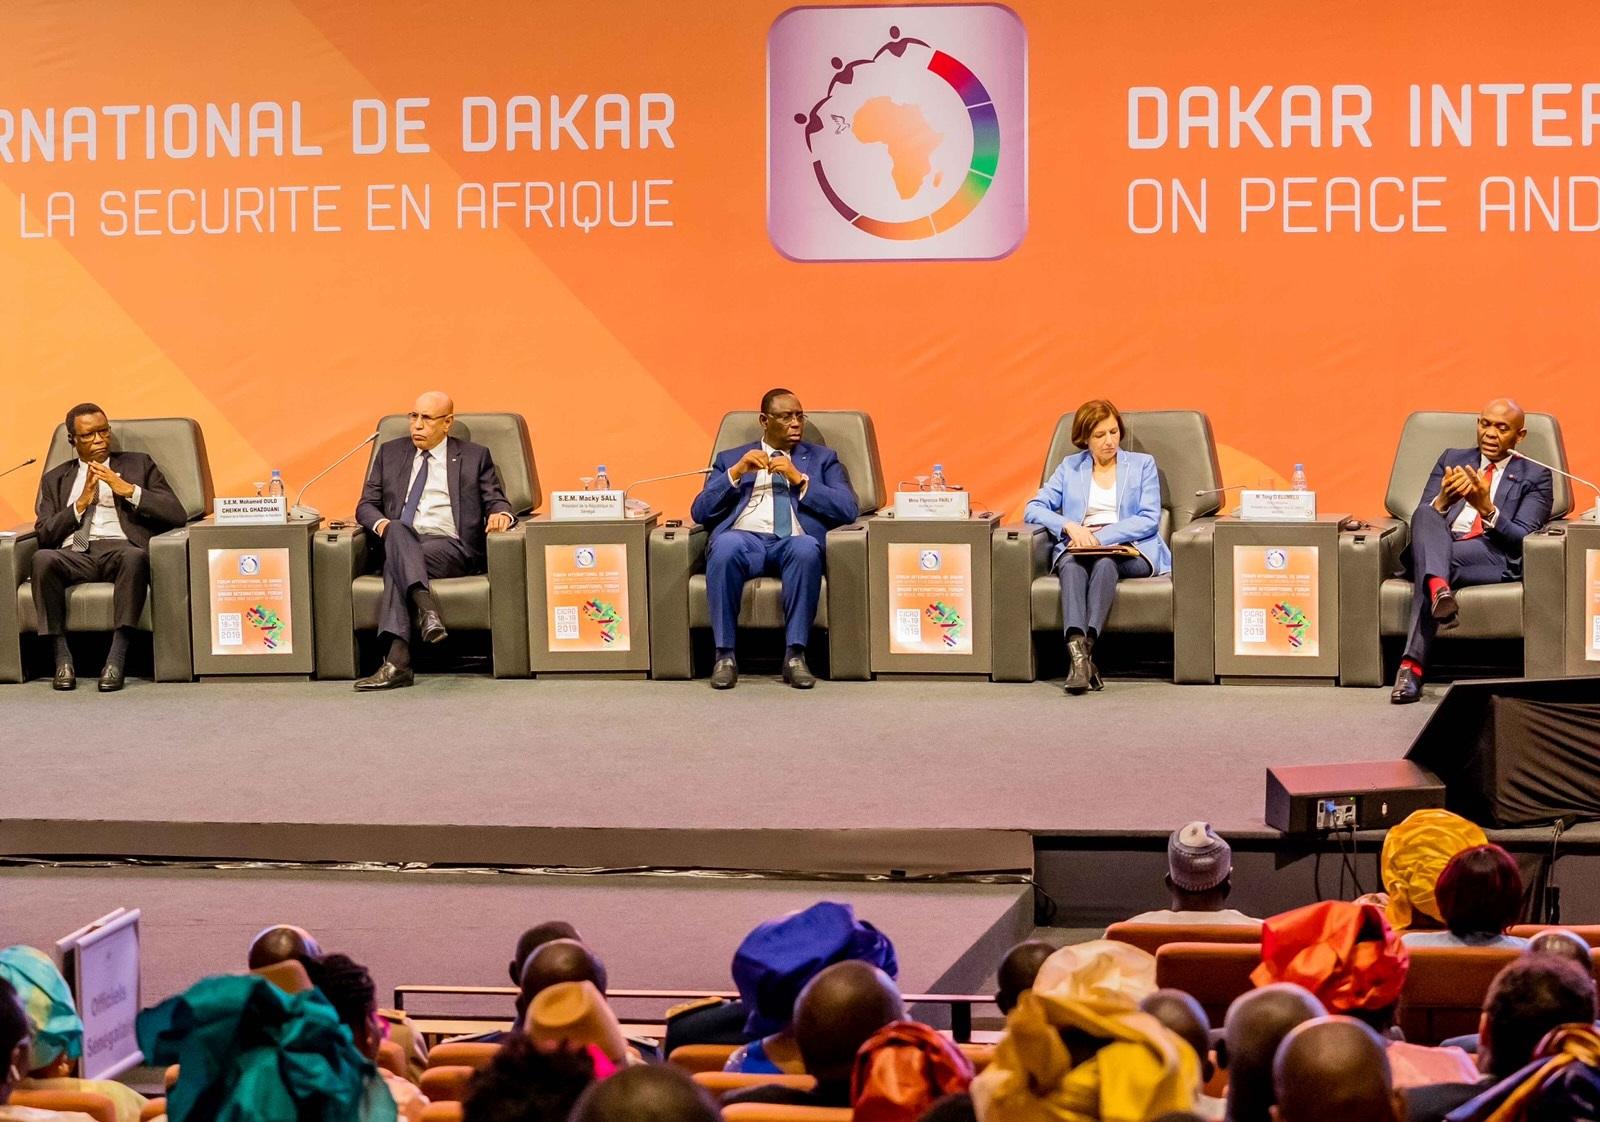 Tony Elumelu, Président de Tony Elumelu Foundation et Président du Groupe United Bank for Africa (UBA)); lors d'un Panel de haut-niveau sur la paix et la sécurité en Afrique au Forum international de Dakar